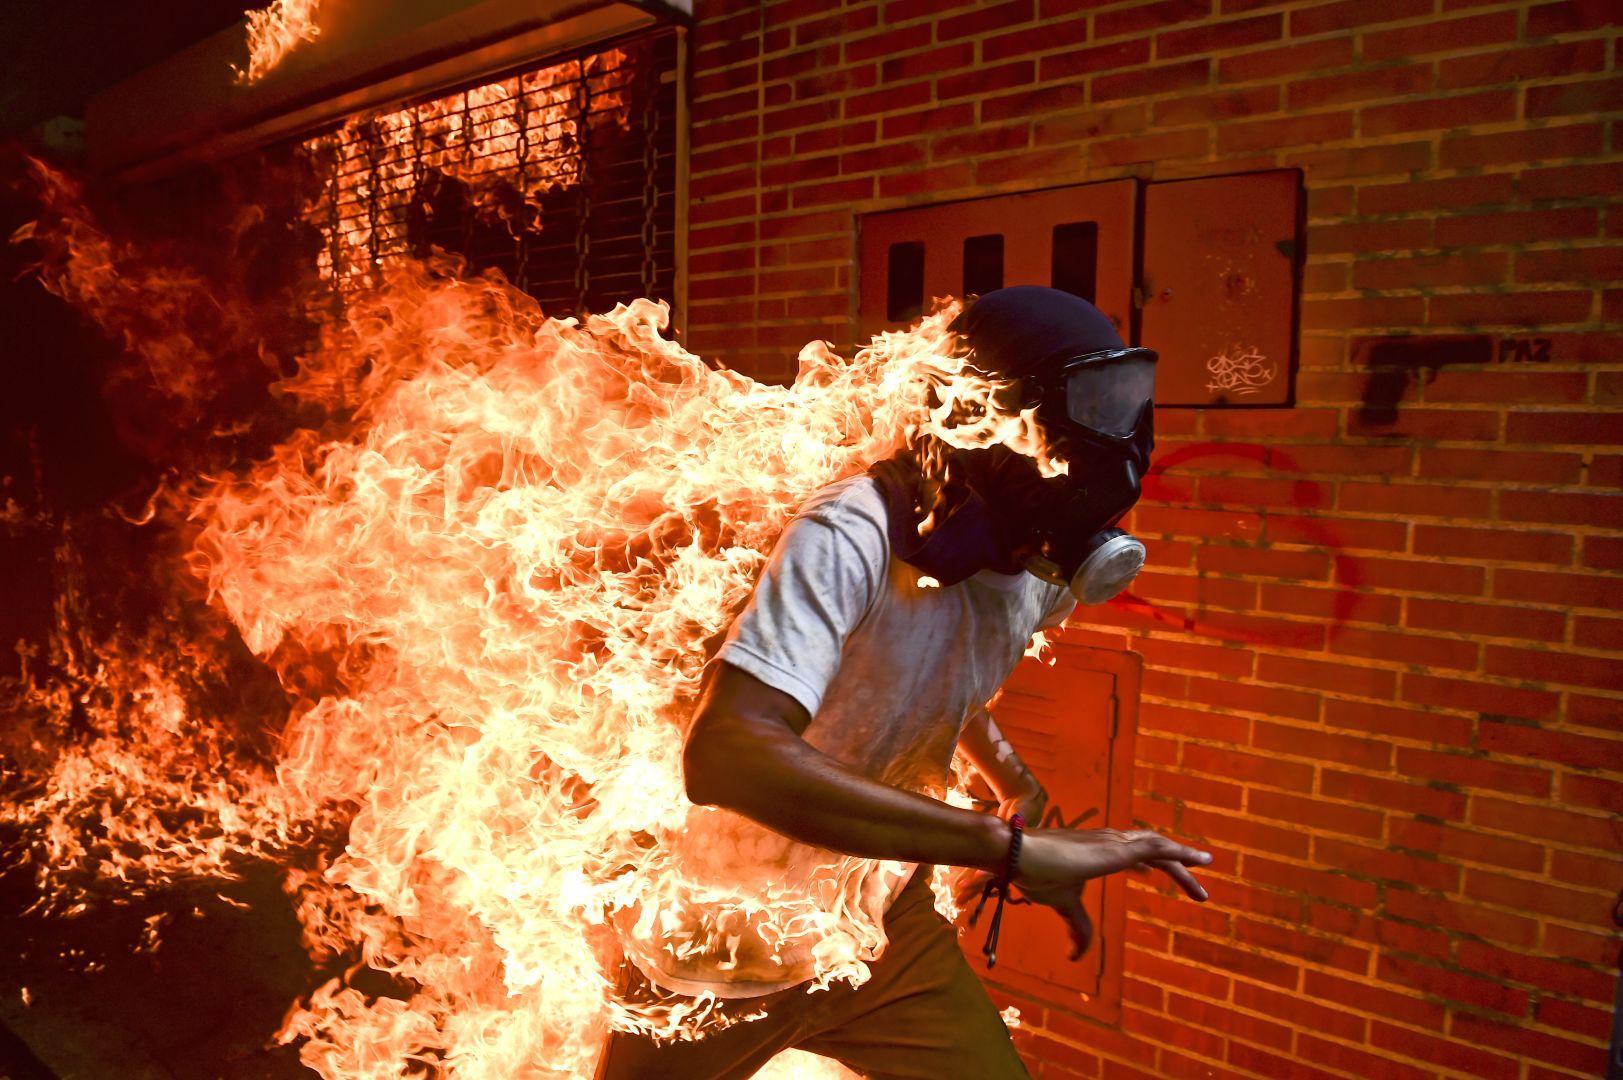 ©Ronaldo Schemidt/Agence France-Presse (AFP)